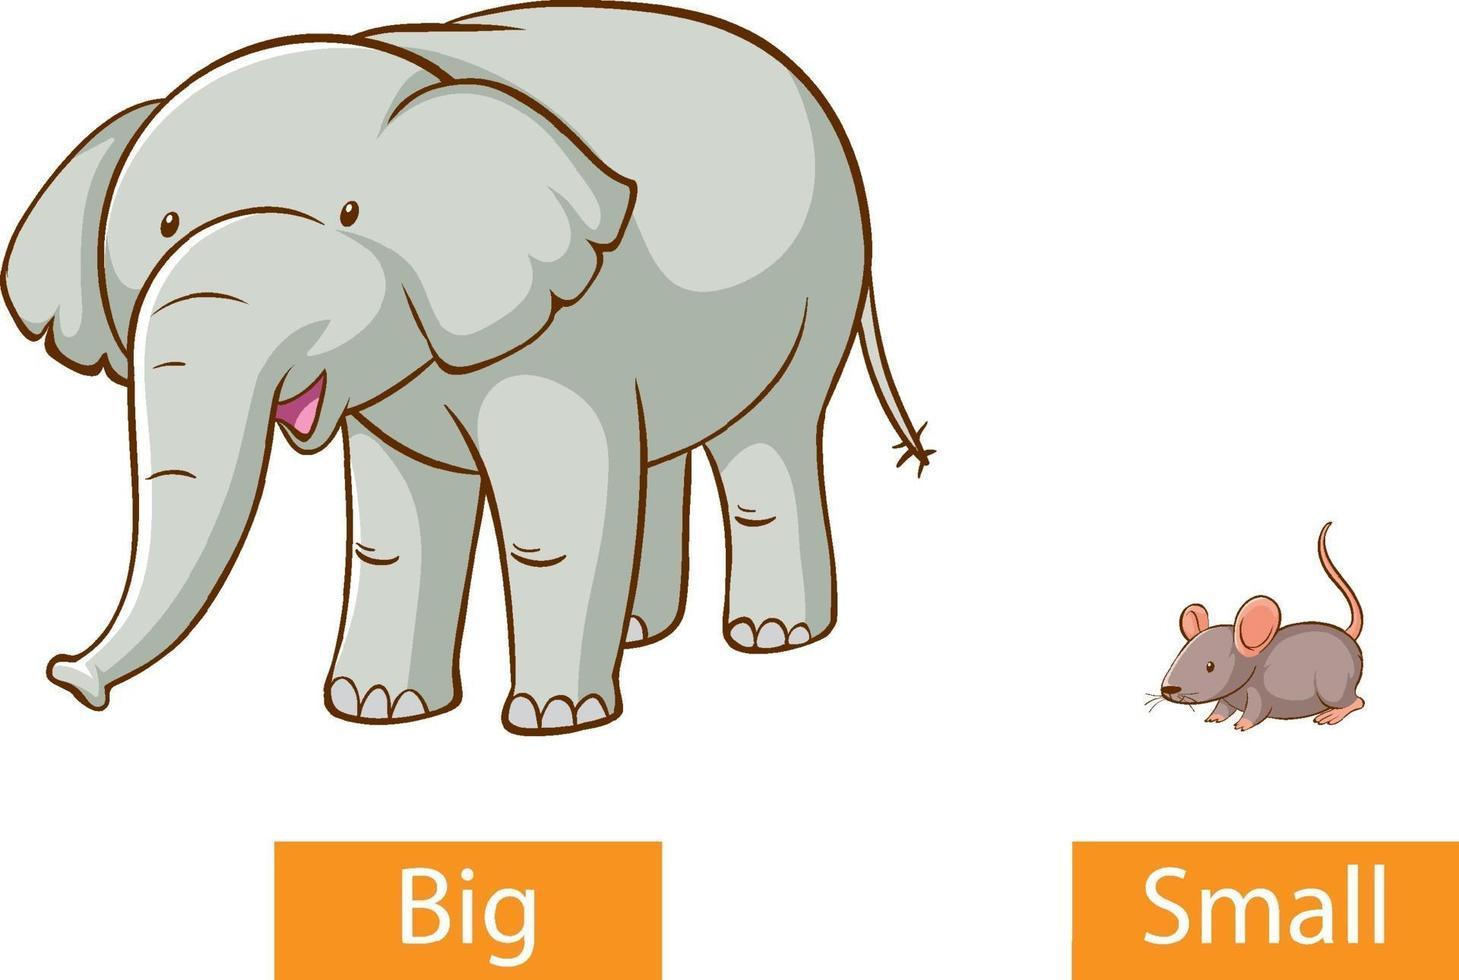 motsatta adjektiv ord med stora och små vektor